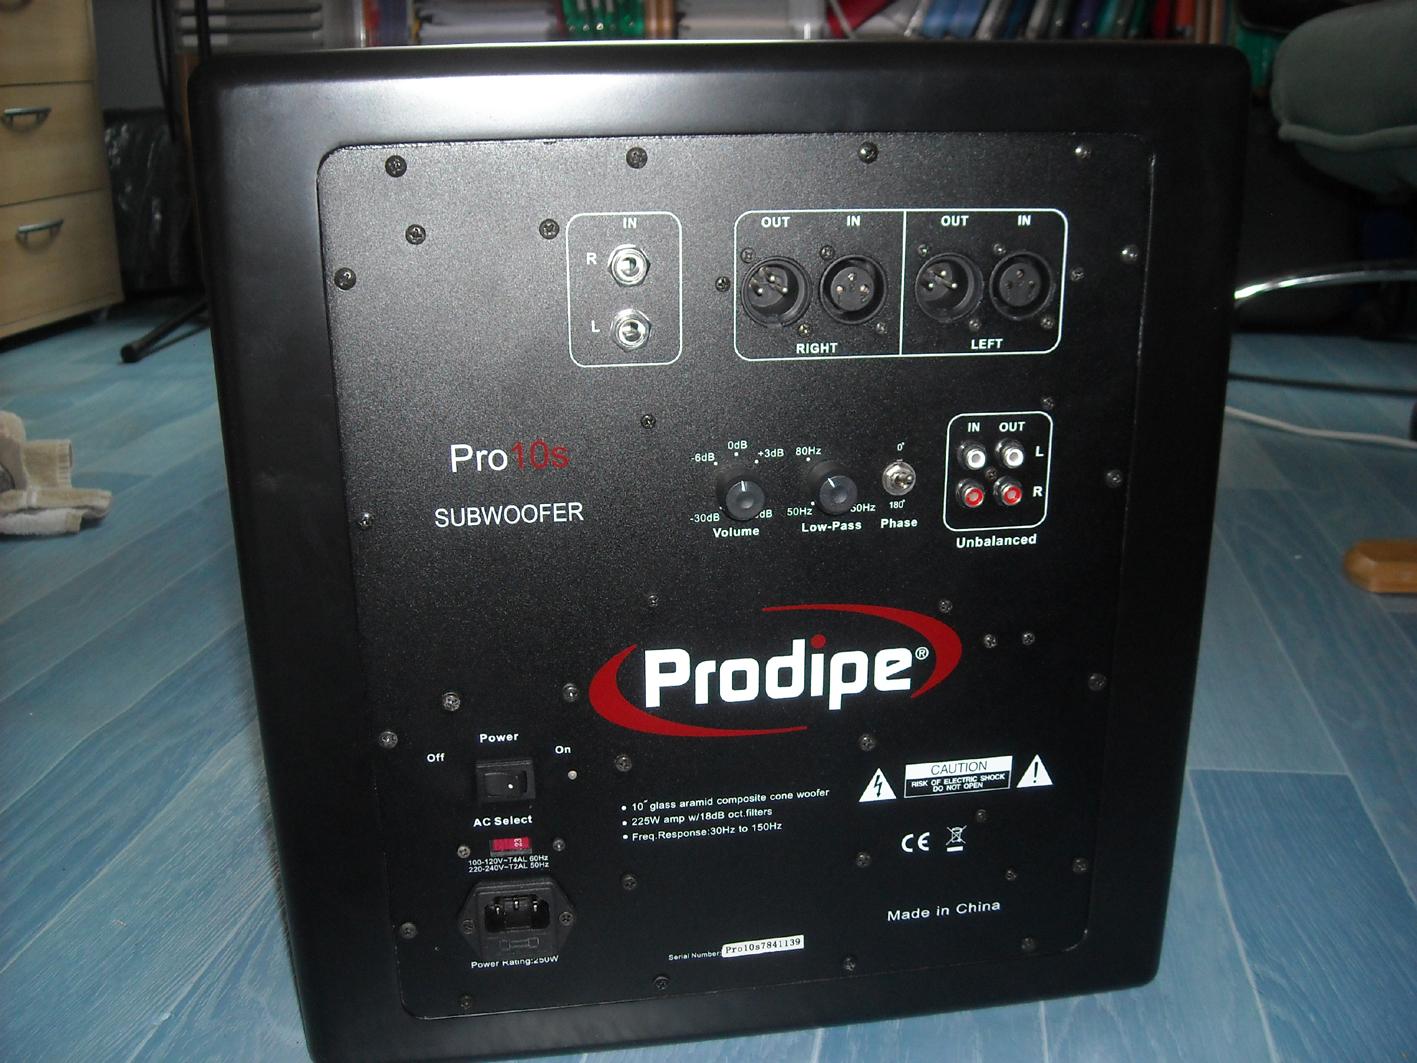 Koppla ljud från PS3 TV till aktiva högtalare - Ljud 6c15194d7e84c